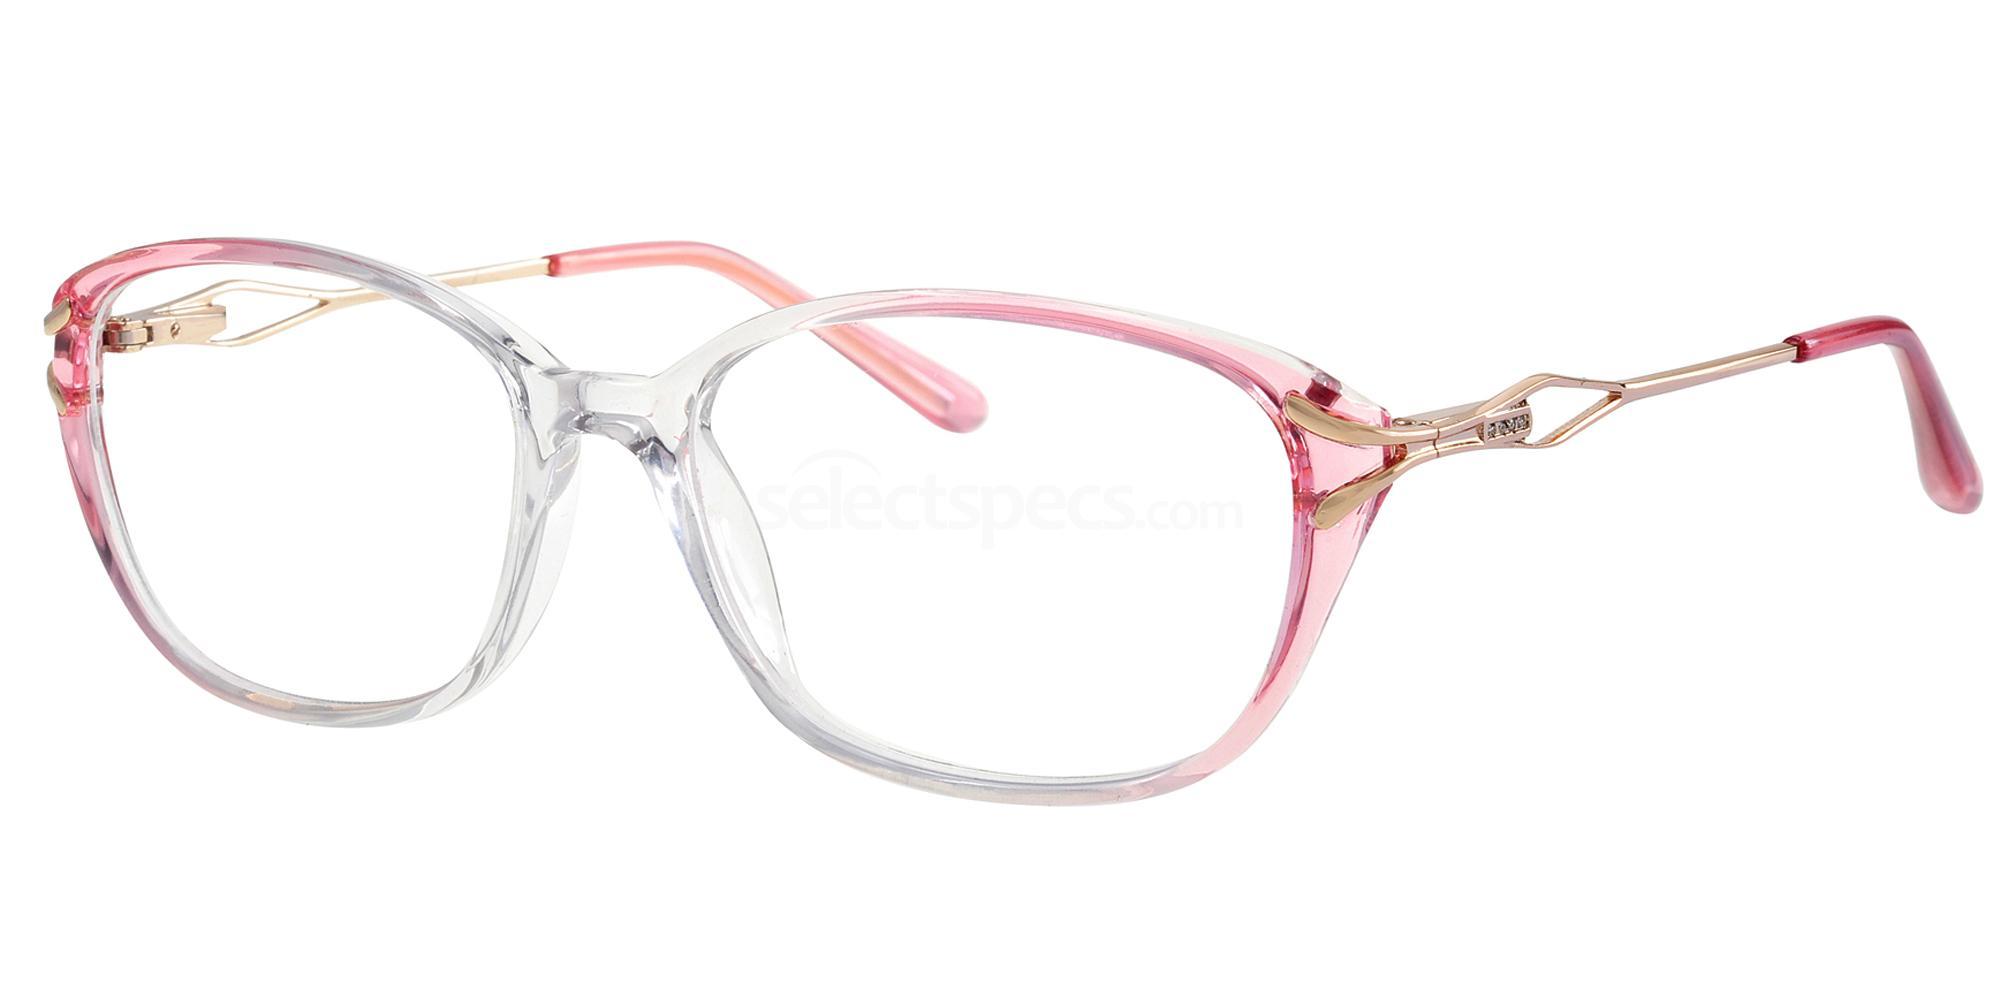 C40 4561 Glasses, Visage Elite